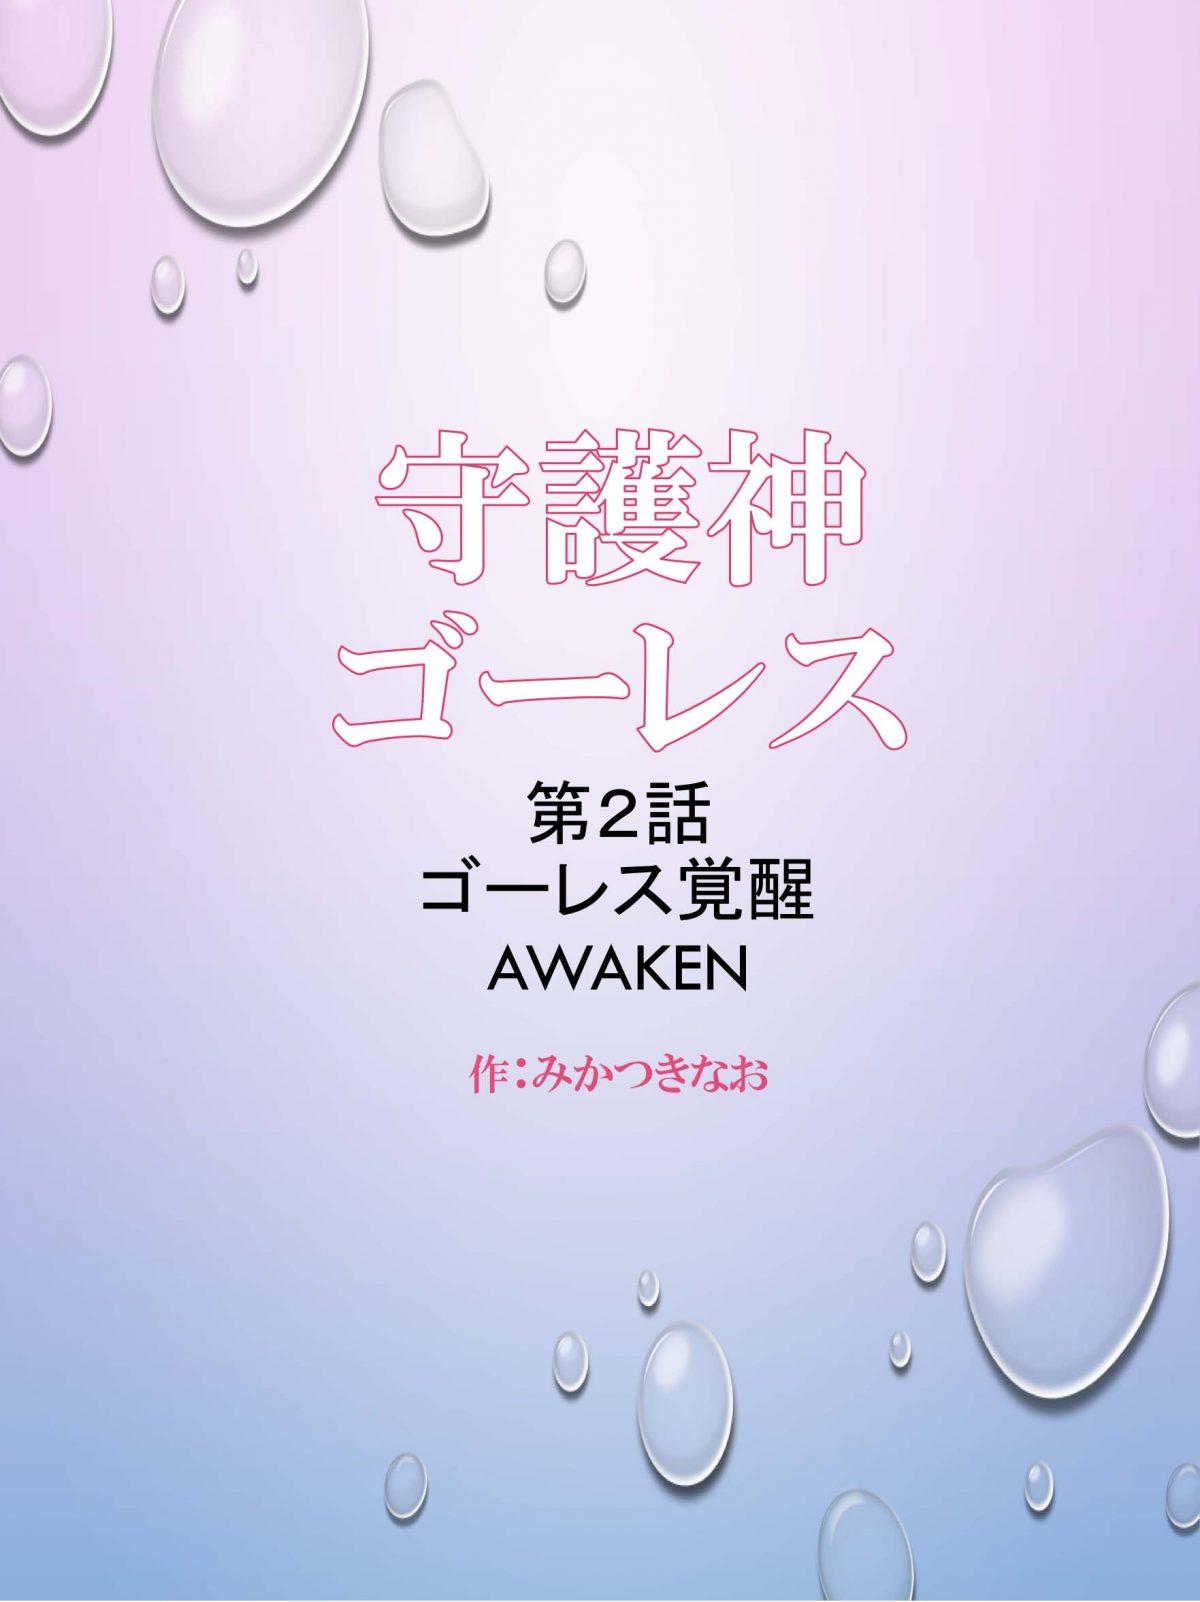 守護神ゴーレス  第2話 ゴーレス覚醒 awaken